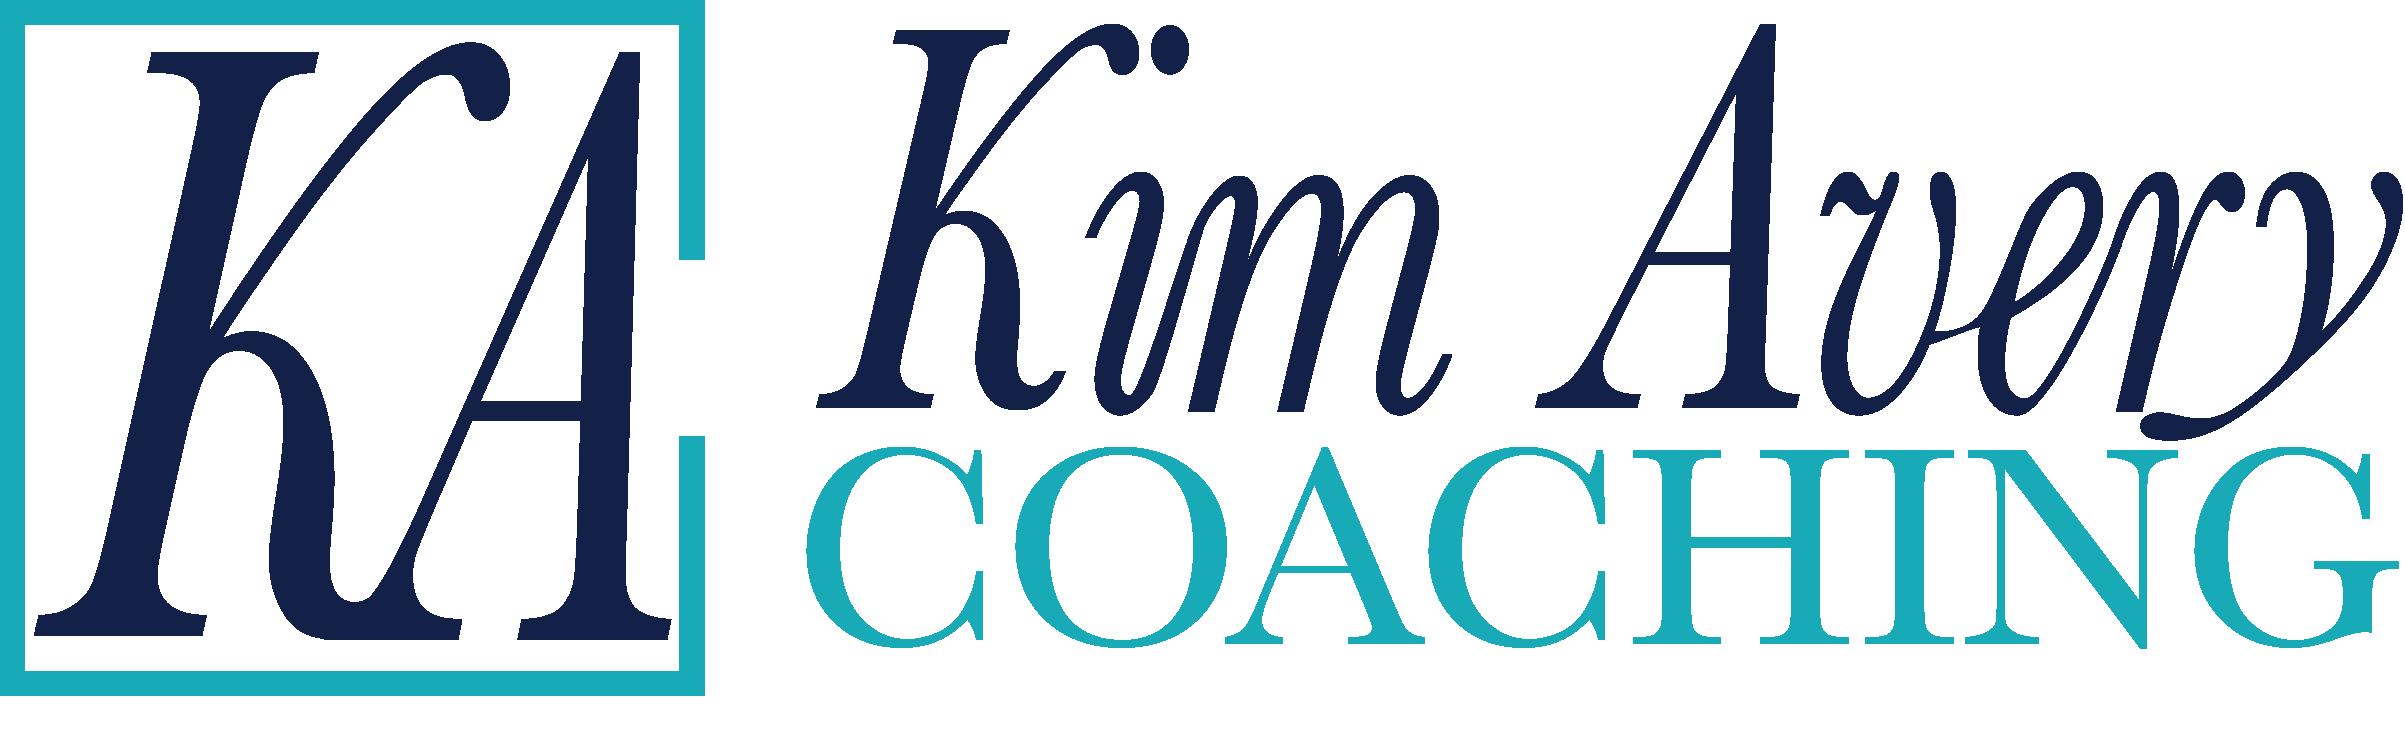 31 Day Prayer Challenge - Kim Avery Coaching